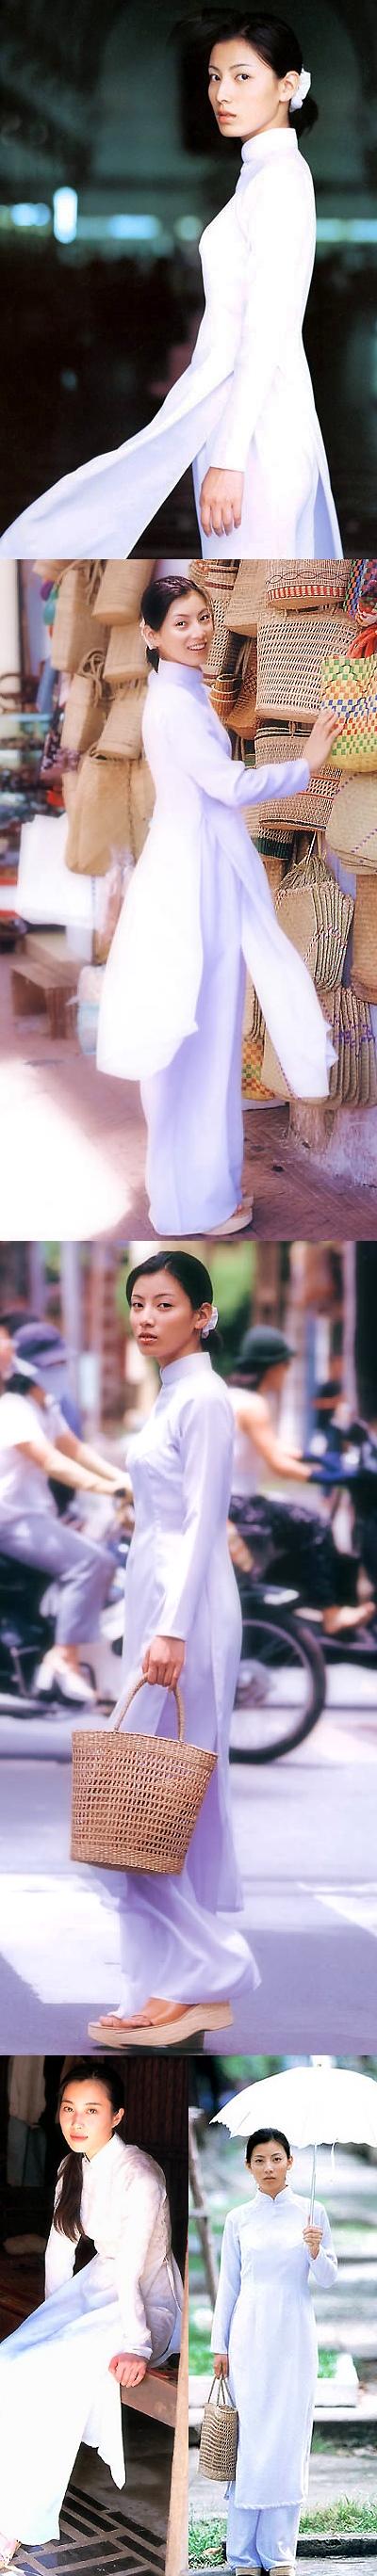 越南旗袍 - 奧黛(定做)